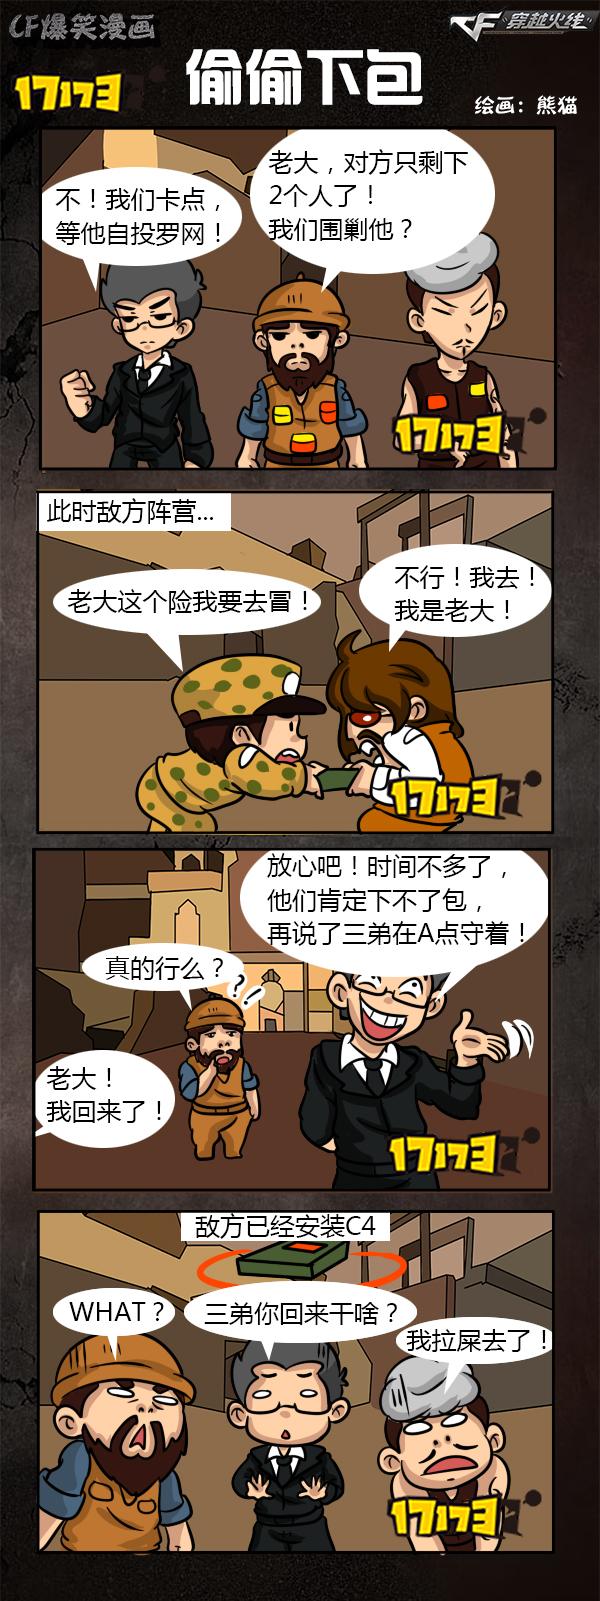 5-1 副本.JPG